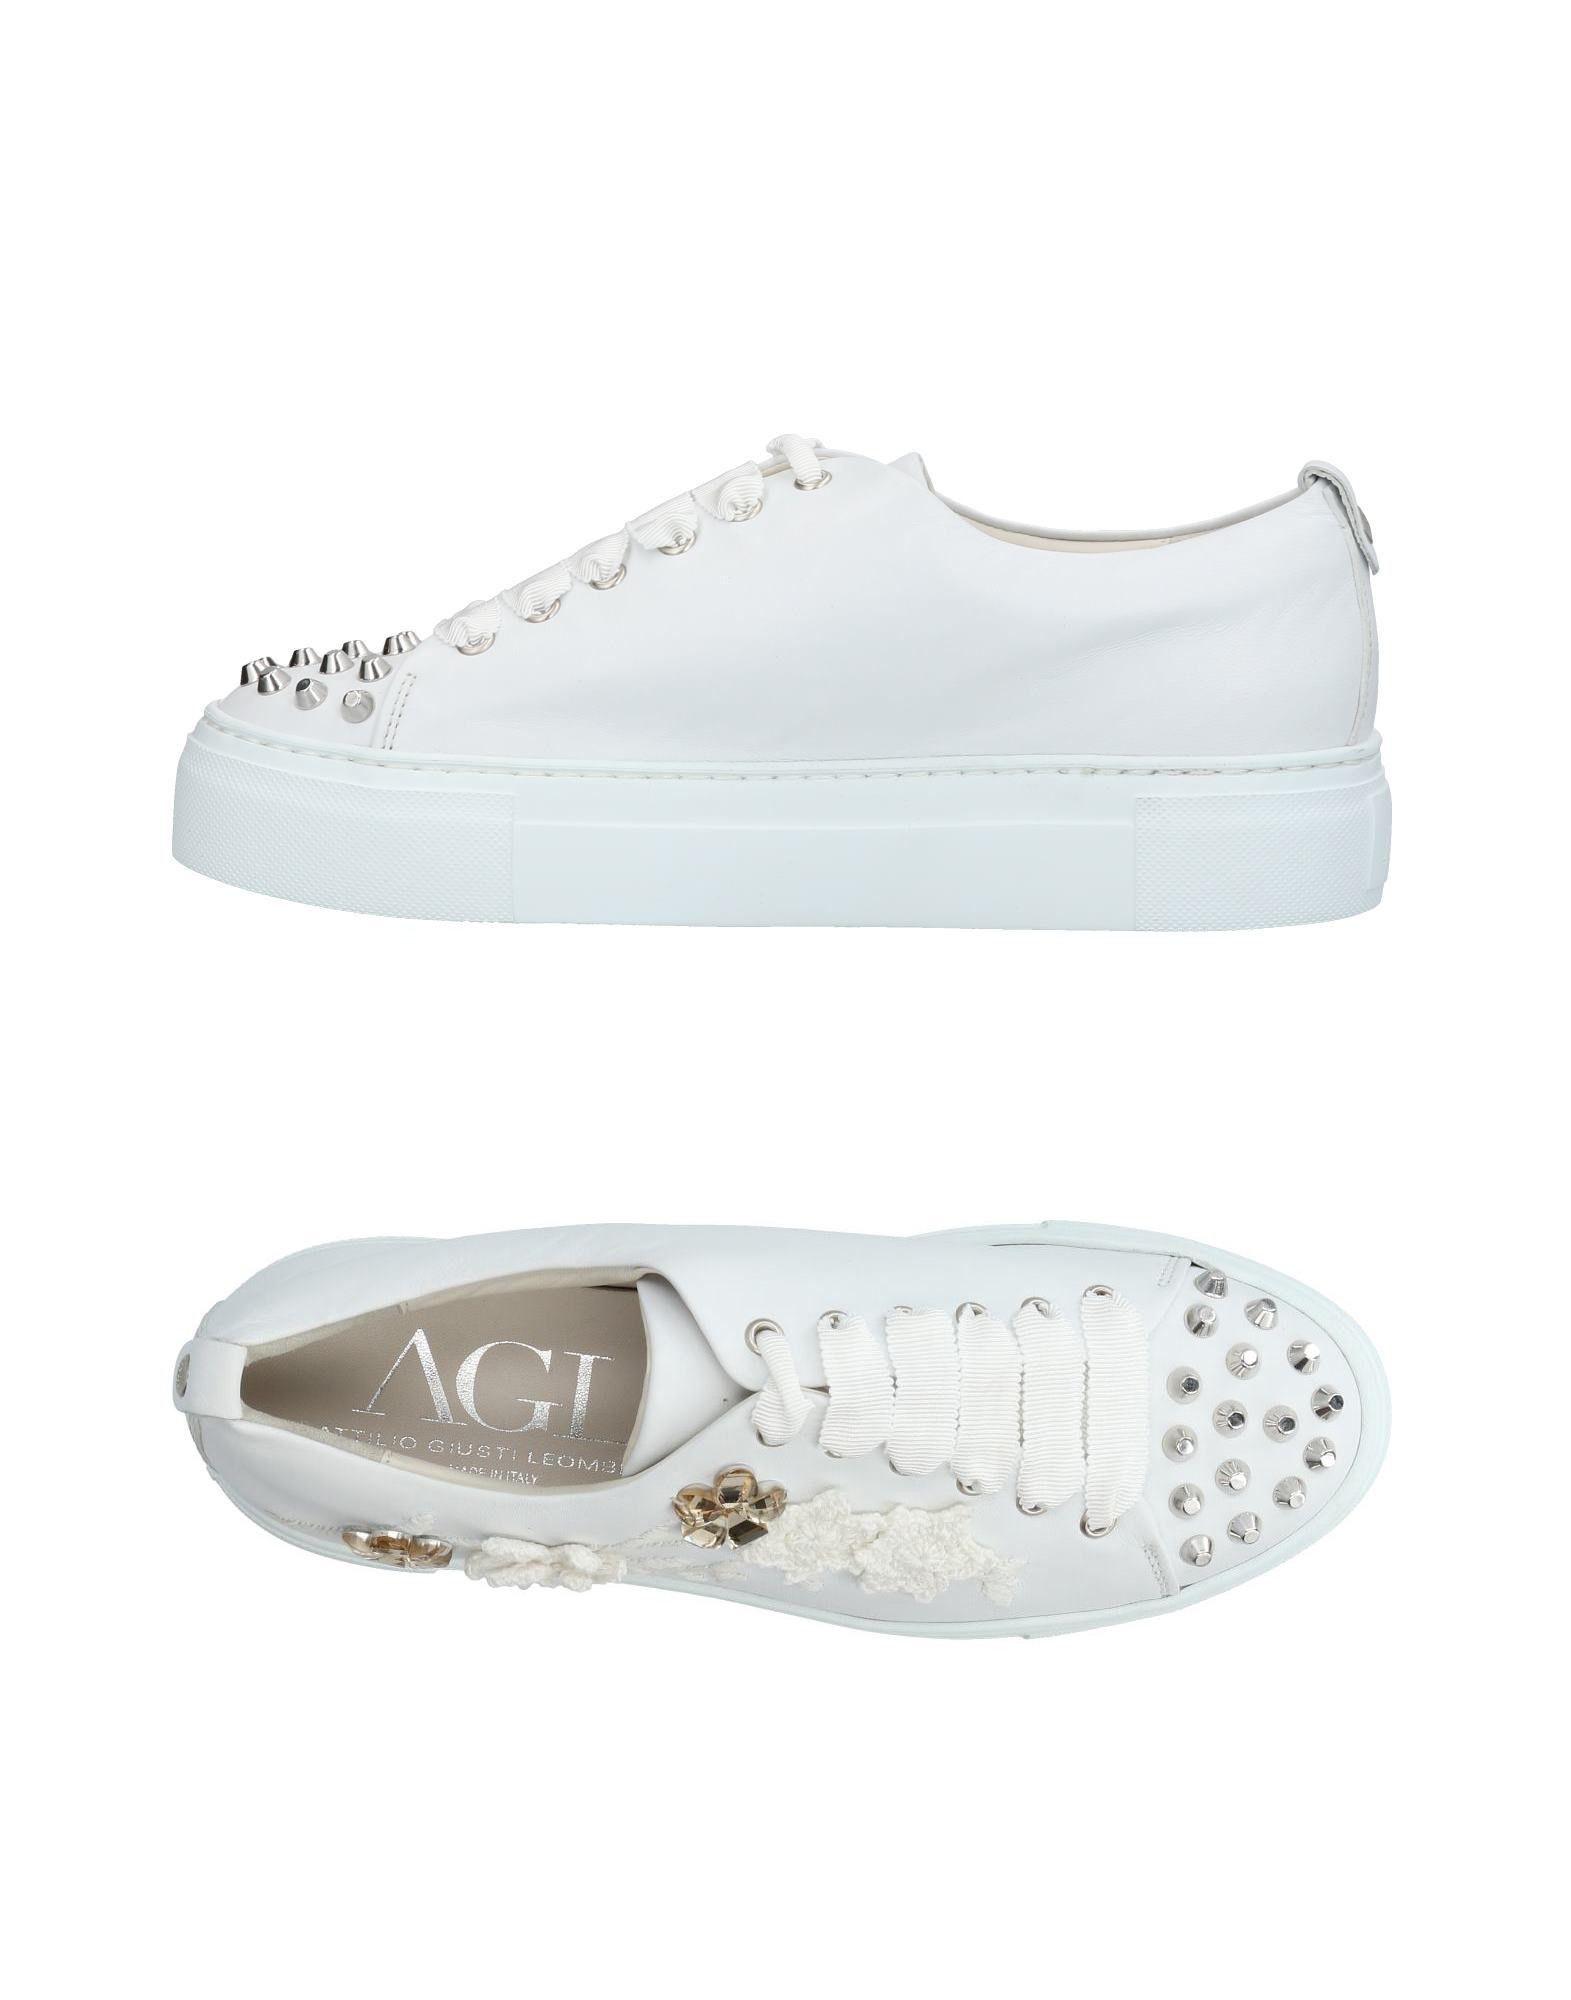 Sneakers Agl Attilio Giusti Leombruni Donna - Acquista online su